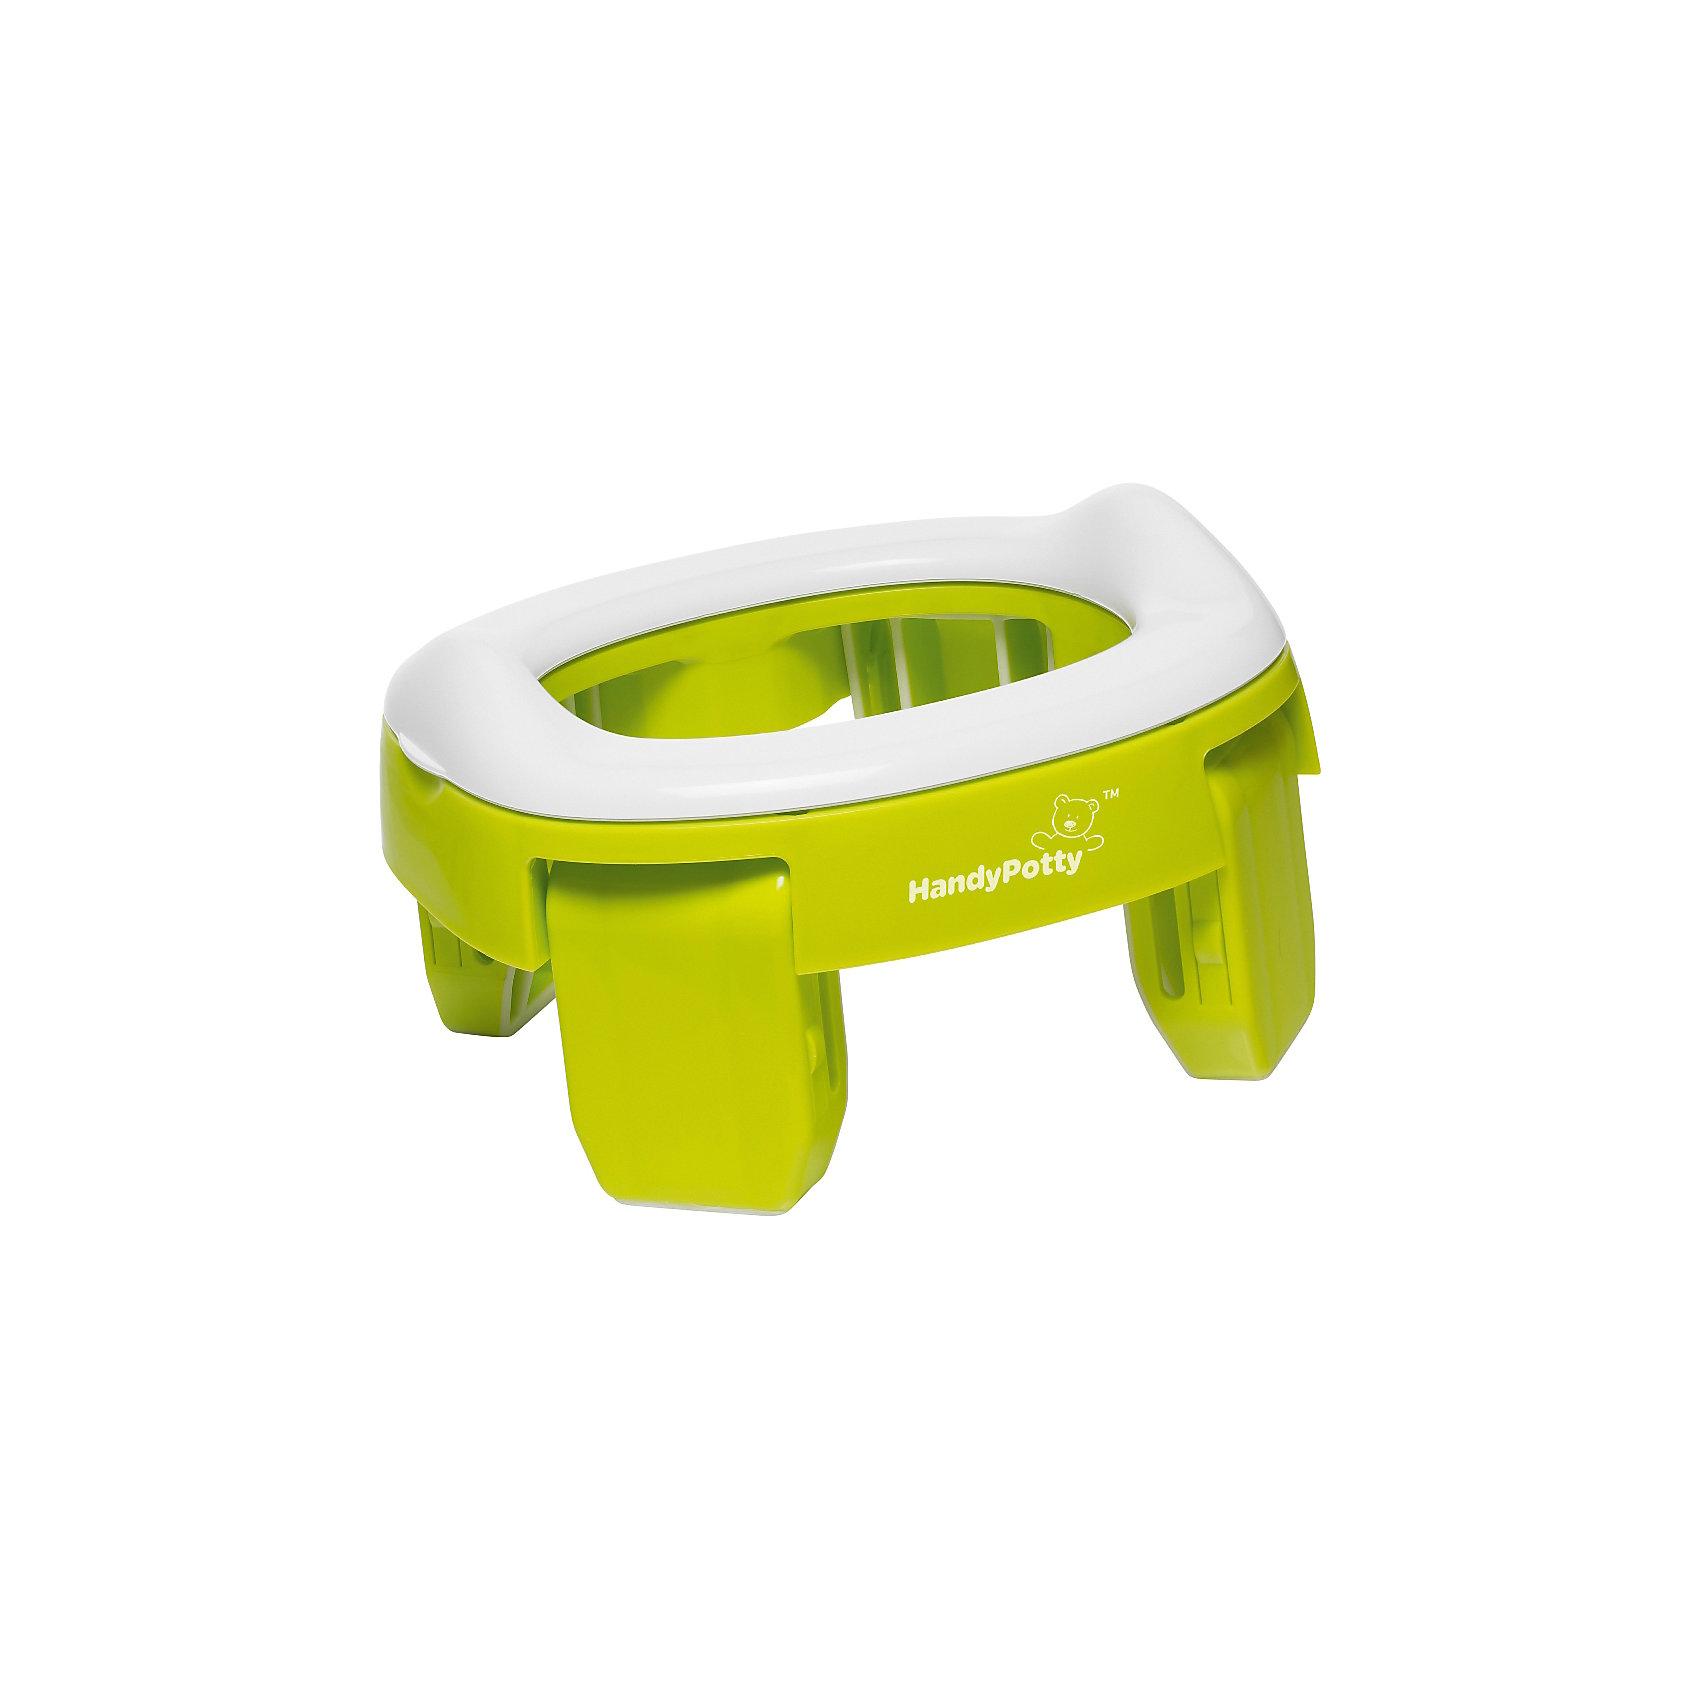 Дорожный горшок, HandyPotty , лаймГоршки, сиденья для унитаза, стульчики-подставки<br>Характеристики:<br><br>• в комплекте: горшок, сумка<br>• возраст: от 12 месяцев<br>• максимальный вес ребенка: до 25 кг.<br>• материал: полипропилен<br>• цвет: голубой<br>• высота в сложенном виде: 5 см.<br>• высота в разложенном виде: 11,2 см.<br>• размер упаковки: 24х24х8 см.<br>• вес: 500 гр.<br>• ВНИМАНИЕ: силиконовая вкладка не входит в комплект - приобретается отдельно!<br><br>Дорожный горшок и насадка на унитаз HandyPotty (Хэнди Потти) – это незаменимый аксессуар дома, на прогулке или в длительной поездке с малышом.<br><br>Многофункциональность складного горшка обеспечивает продуманная конструкция: широкое пластиковое сиденье установлено на четыре широкие устойчивые ножки. Сиденье имеет небольшой барьер, предотвращающий разбрызгивание. Чтобы выбрать нужную функцию, достаточно изменить положение ножек, установив горшок на комфортную высоту, и воспользоваться дополнительными аксессуарами, такими как силиконовая вкладка (приобретается отдельно), которая легко вынимается и моется.<br><br>В дороге можно пользоваться сменными пакетами (приобретаются отдельно). Пакеты кладутся под сиденье, так что ребенок не испытывает никаких дискомфортных ощущений.<br><br>Для удобства переноски ножки складываются внутрь, горшок легко помещается в удобную сумку, так что приспособление занимает минимум места. Вы можете использовать HandyPotty (Хэнди Потти) в качестве детского сиденья на унитаз, просто развернув ножки в стороны до упора. Это позволяет ребенку безопасно сидеть на взрослом унитазе, и предотвращает контакт с бактериями, обитающими на крышке унитаза.<br><br>Горшок выполнен аккуратно и надежно, поэтому он не сломается даже после многократного использования. Изделие имеет небольшой вес, выполнено из качественного гипоаллергенного материала.<br><br>Дорожный горшок и насадка на унитаз HandyPotty (Хэнди Потти) можно купить в нашем интернет-магазине.<br><br>Ширина мм: 240<br>Глубина мм: 240<b